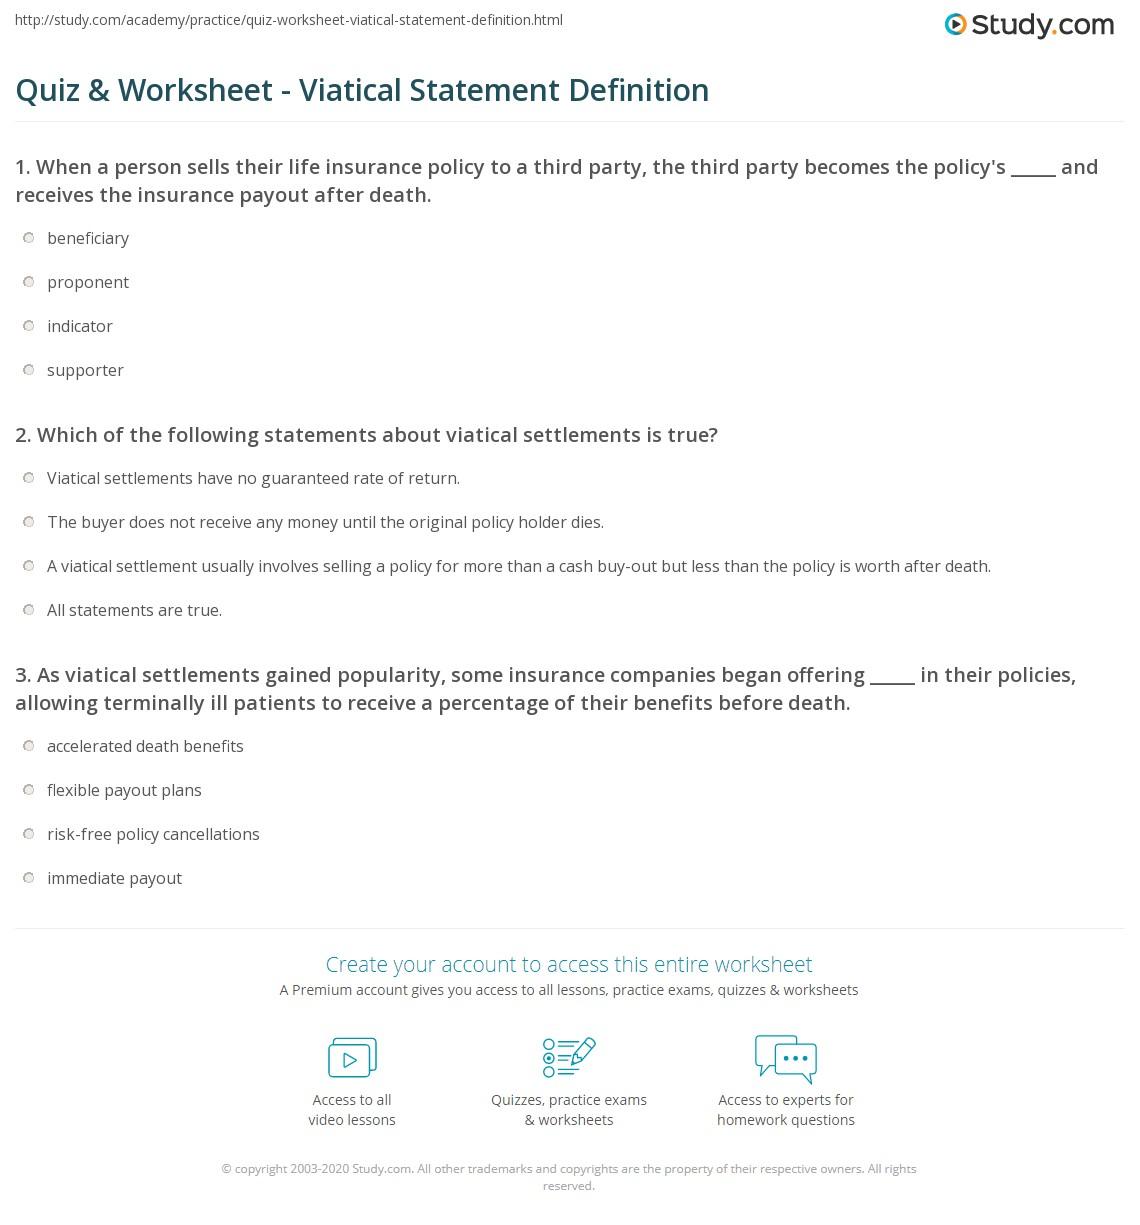 quiz & worksheet - viatical statement definition | study